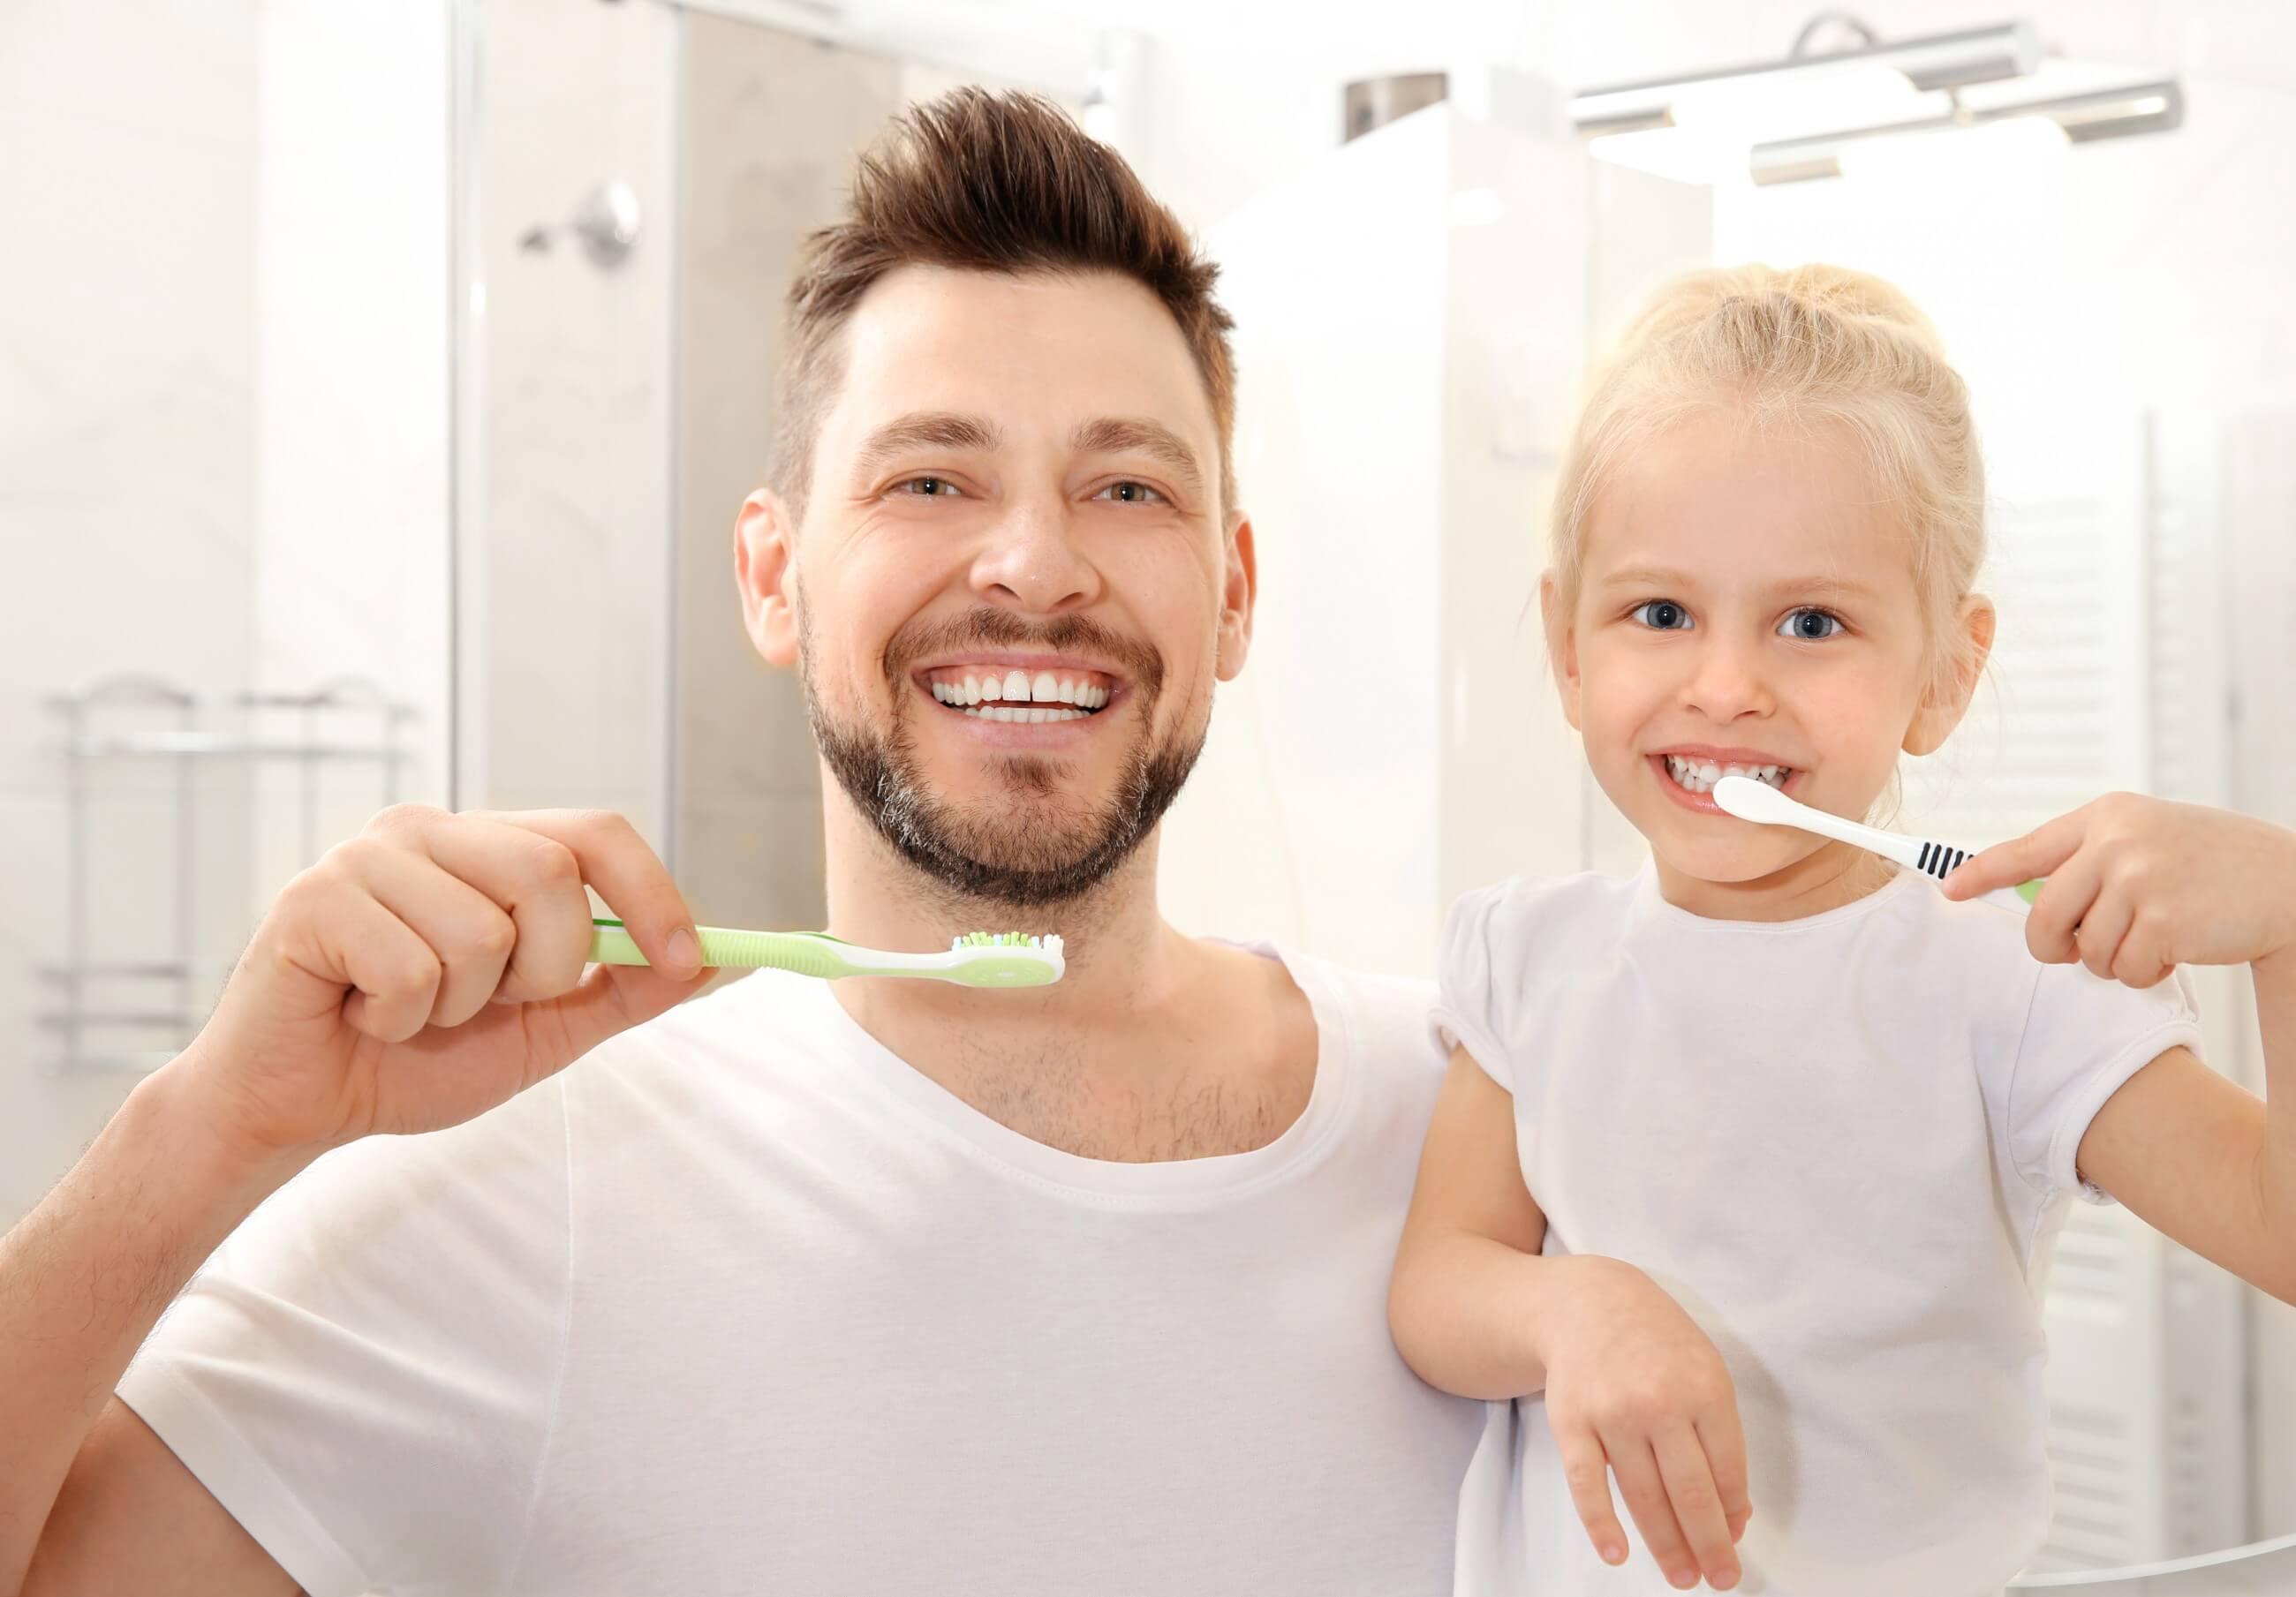 Przygotowanie dziecka do dentysty